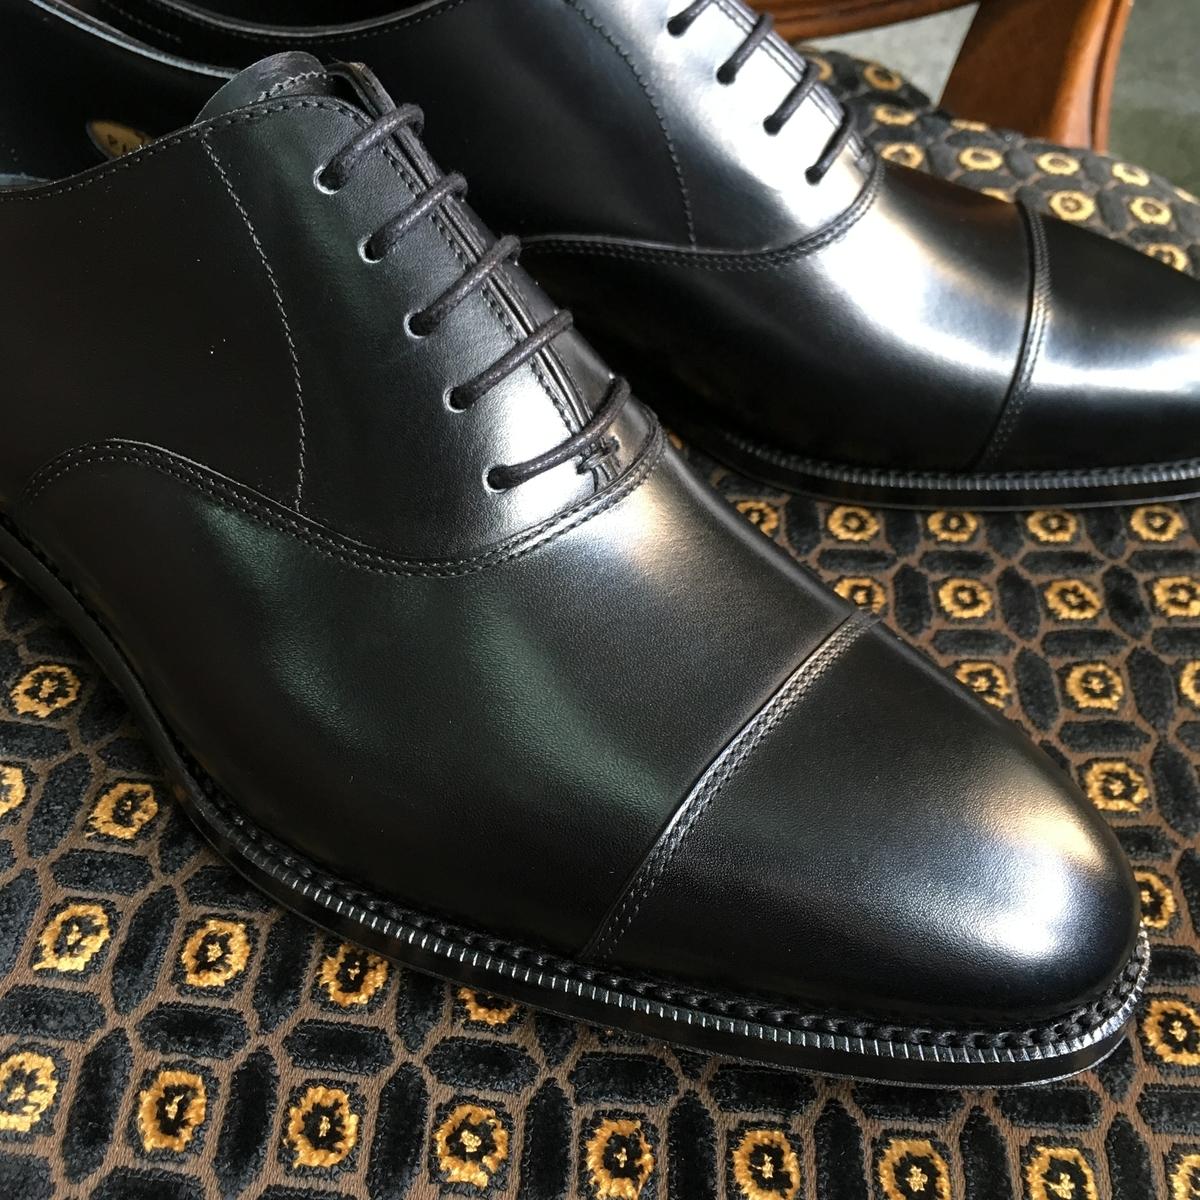 f:id:raymar-shoes:20190910212813j:plain